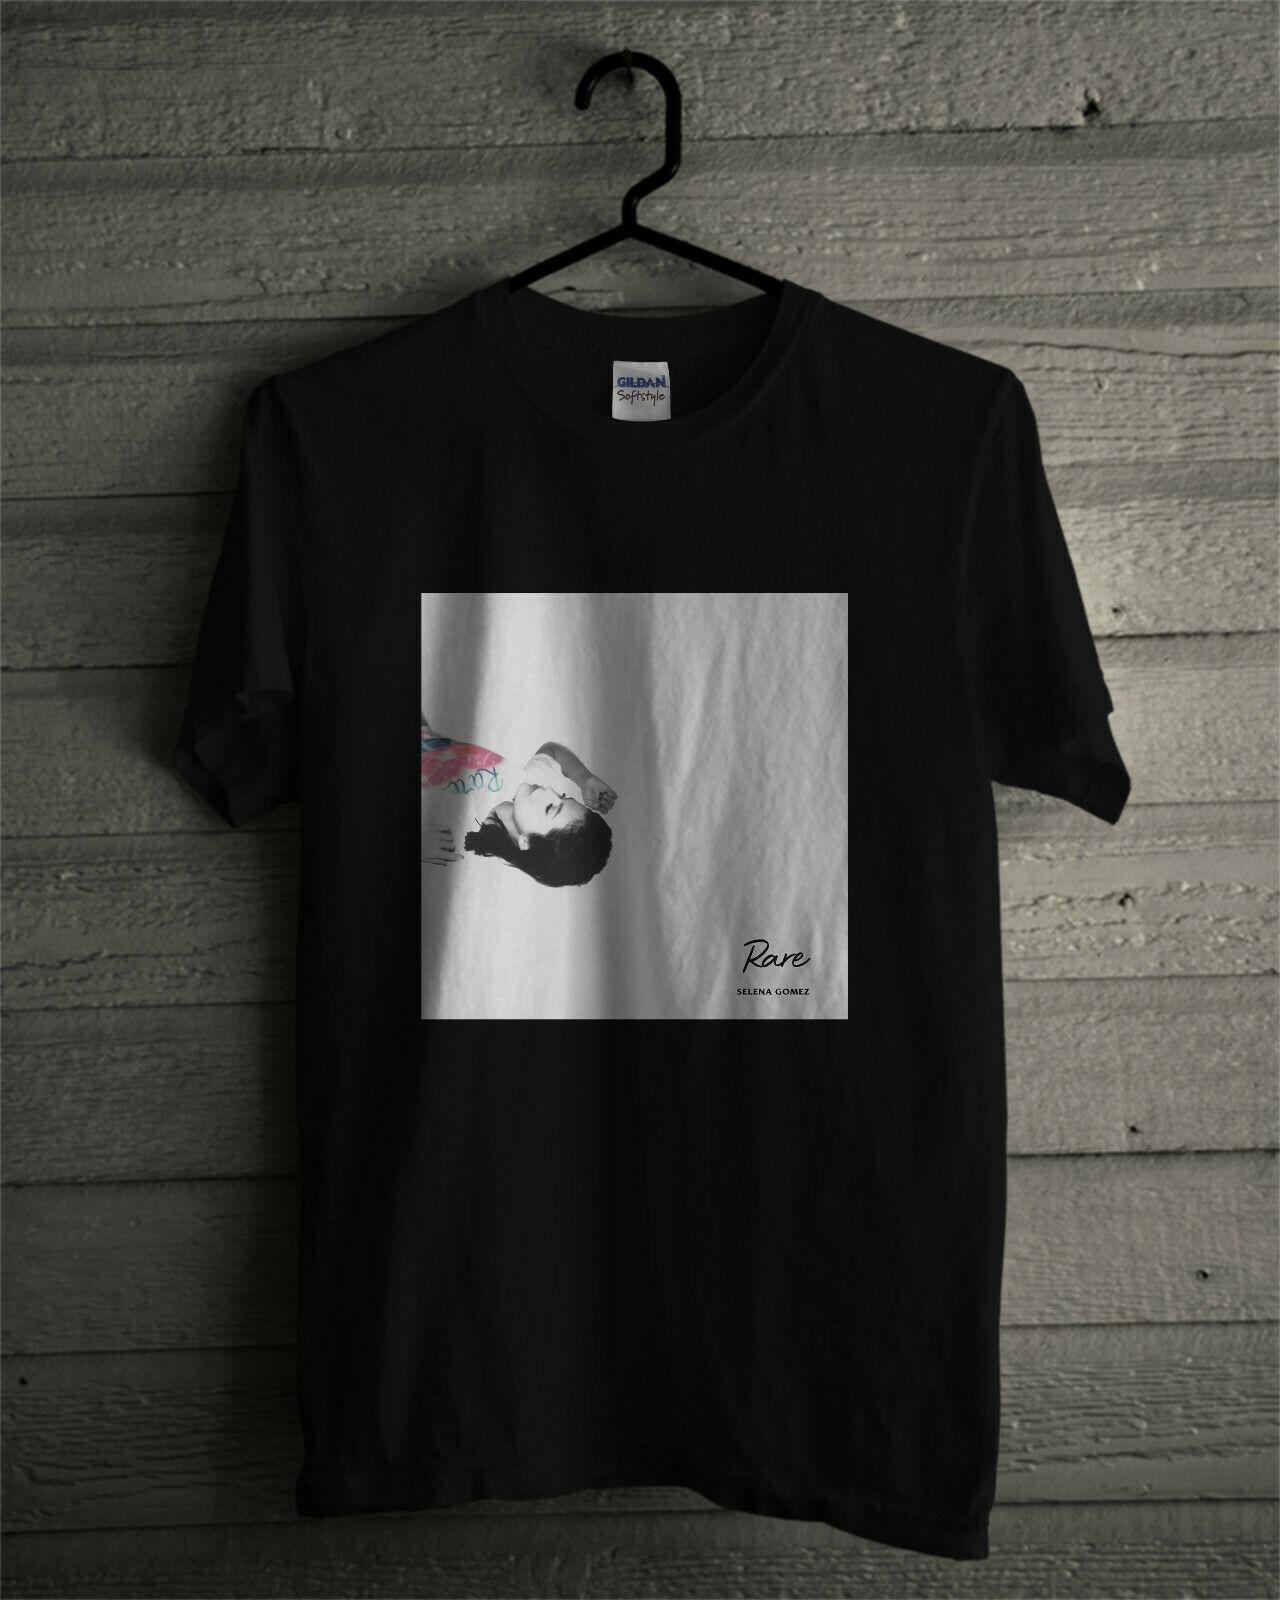 Selena Gomez Rare Album Cover T Shirt